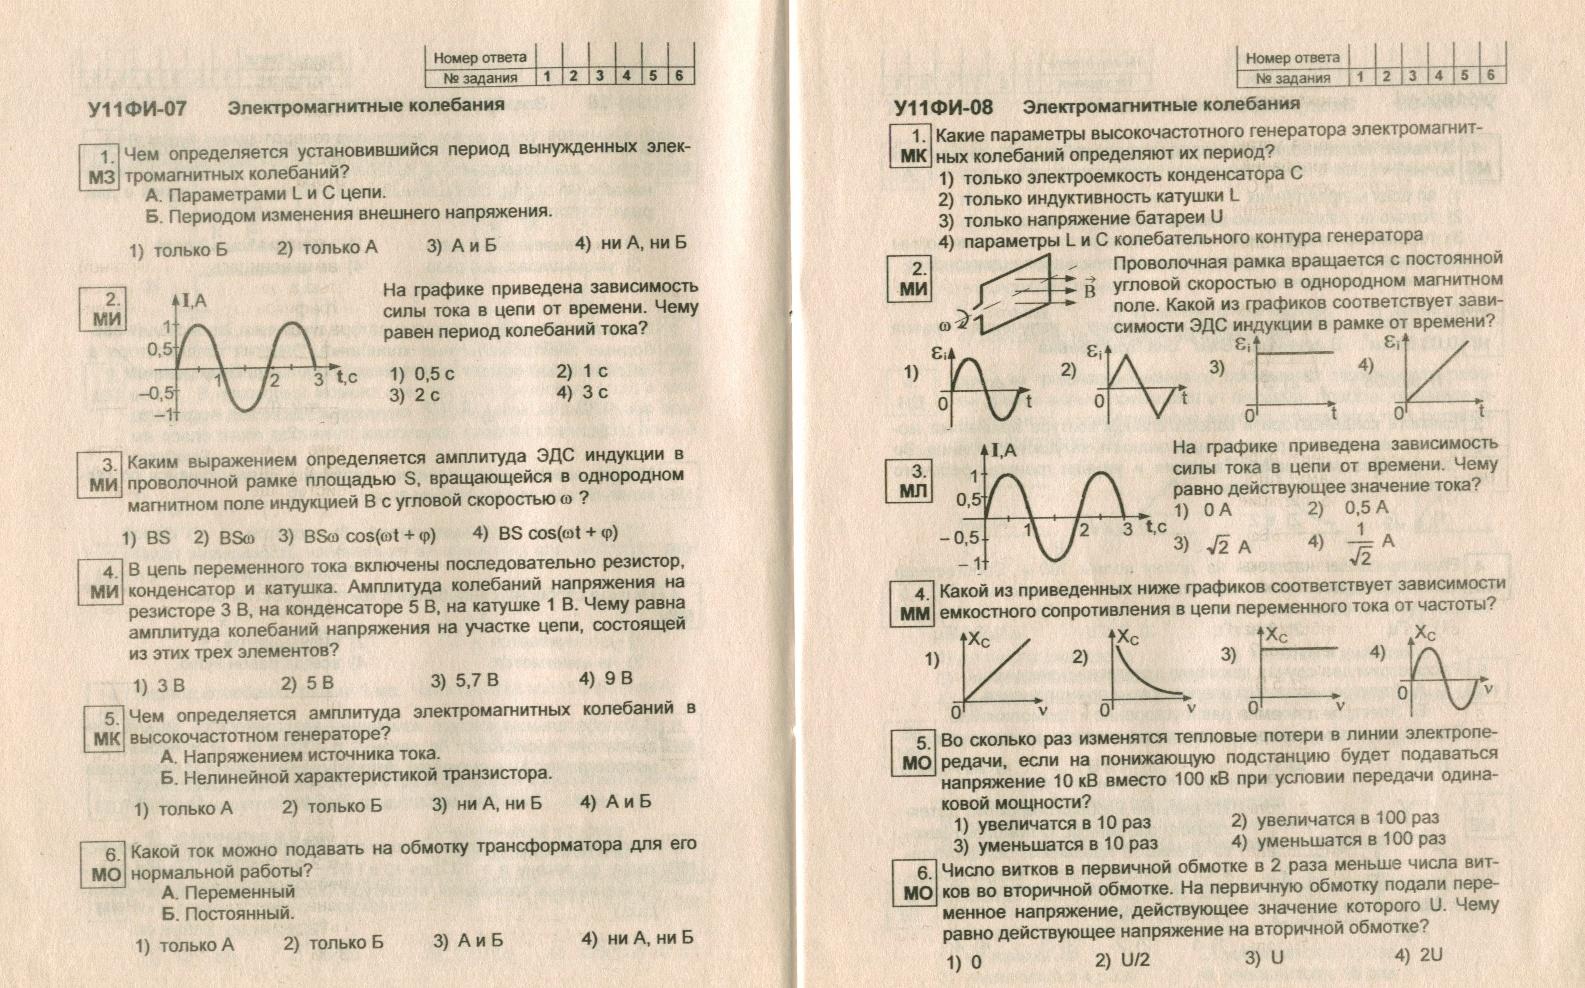 Физика контрольная работа по волнам класс в каталоге Физика контрольная работа по волнам 11 класс